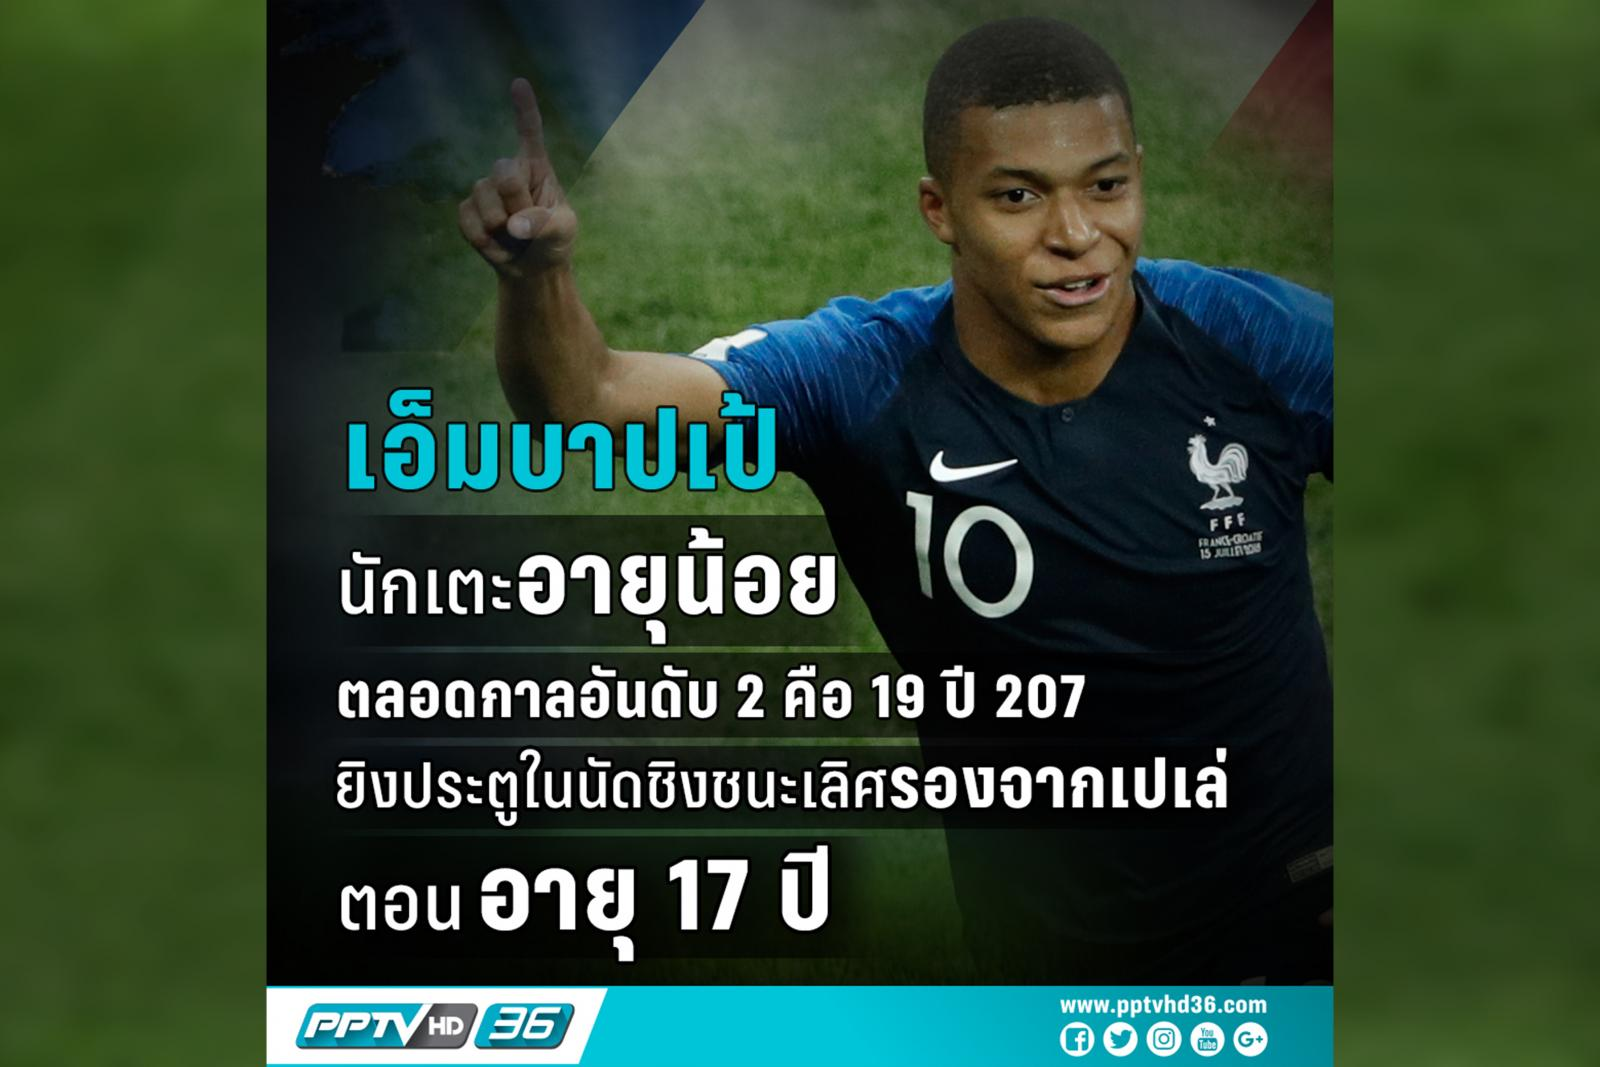 """กำเนิดสถิติใหม่หลัง """"ฝรั่งเศส"""" ชนะ """"โครเอเชีย"""" คว้าแชมป์ฟุตบอลโลกสมัย 2"""